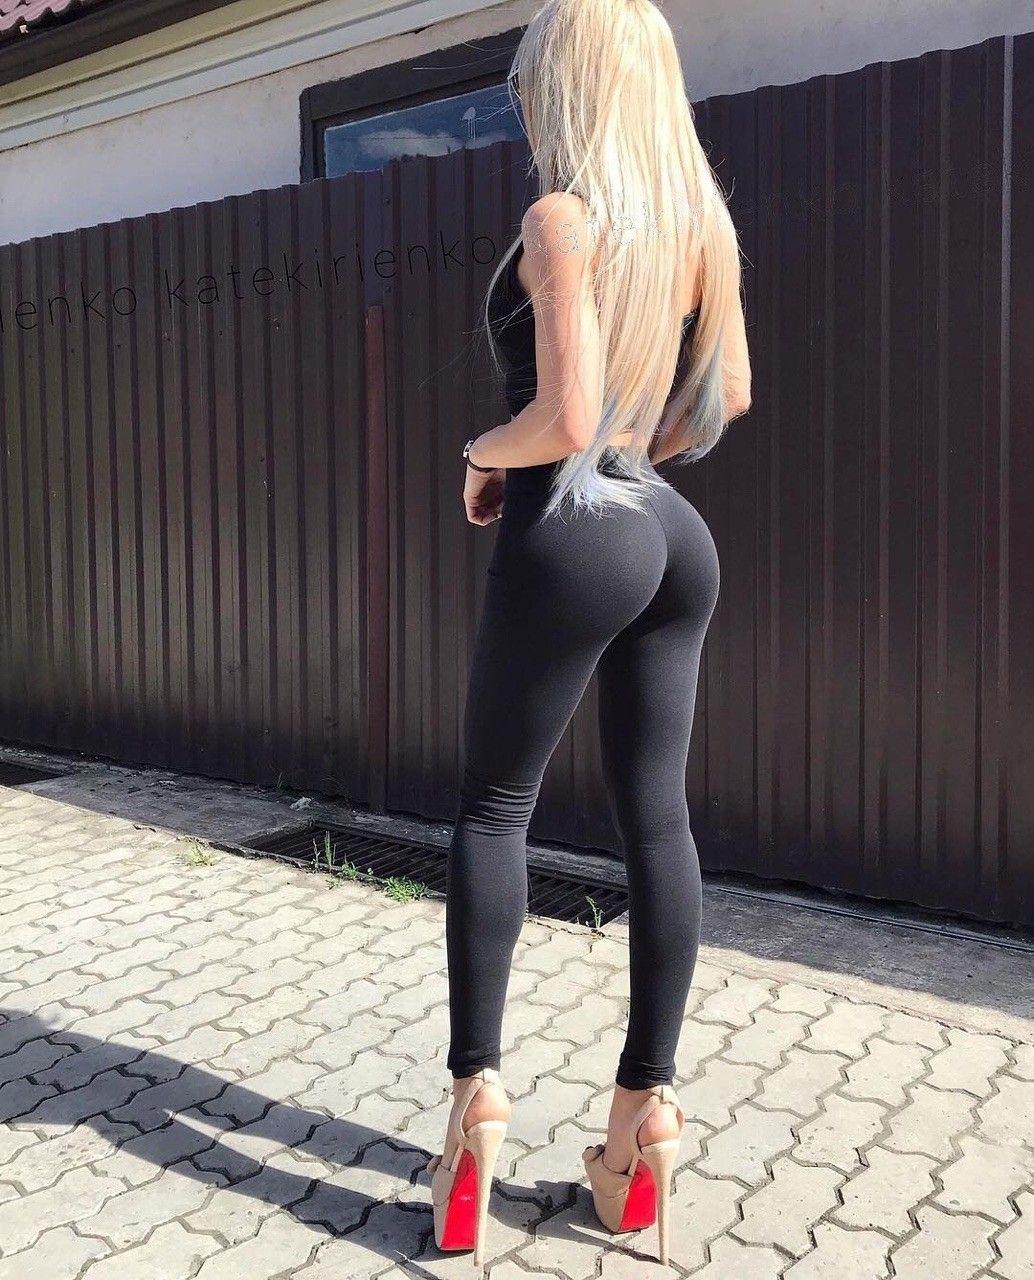 69 Con Leggins Porno sexy leggings pics